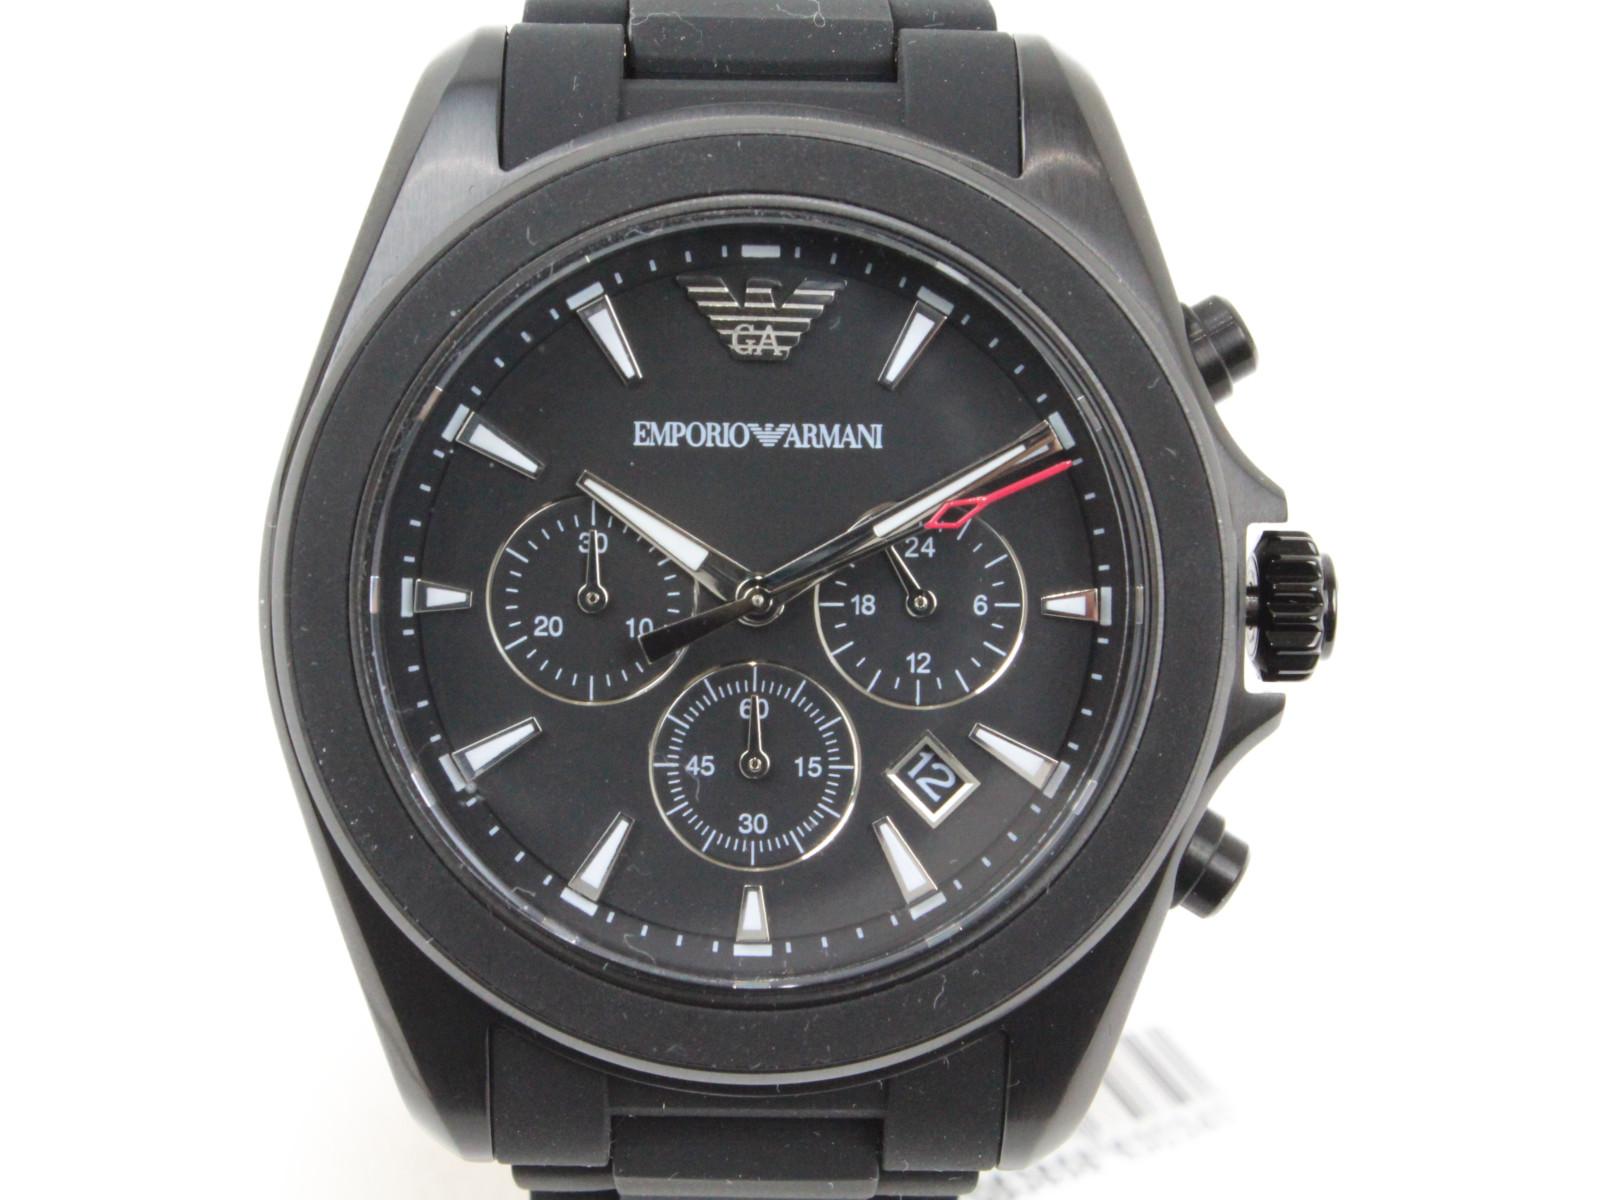 EMPORIO ARMANI AR6092 クオーツ クロノグラフ デイト SS ステンレススチール ラバー ブラック メンズ 腕時計【中古】